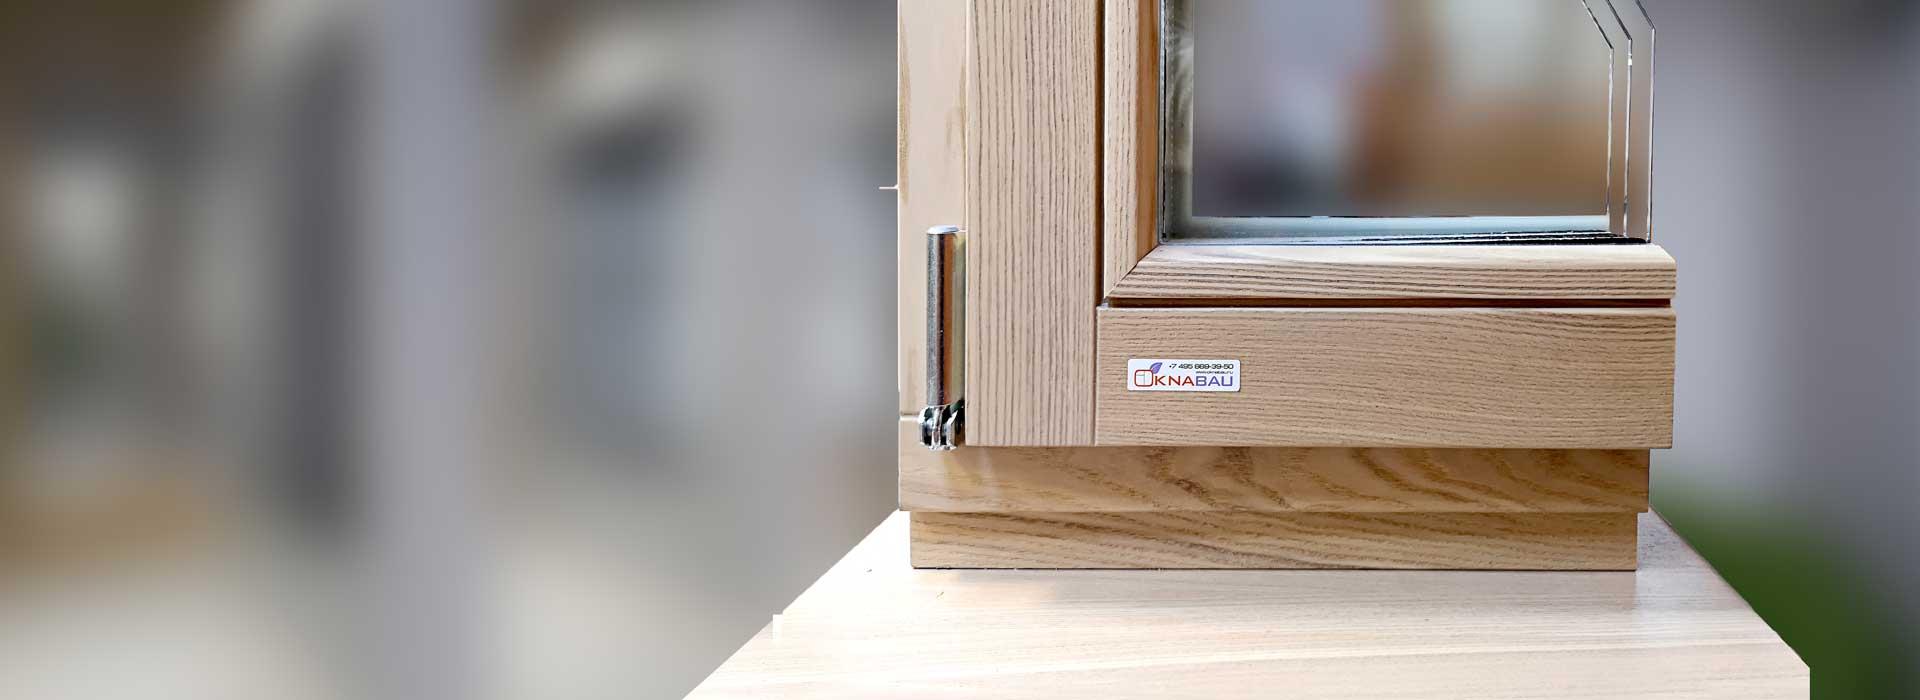 HOLZ BAU ALU THERM - Дерево-алюминиевое окно